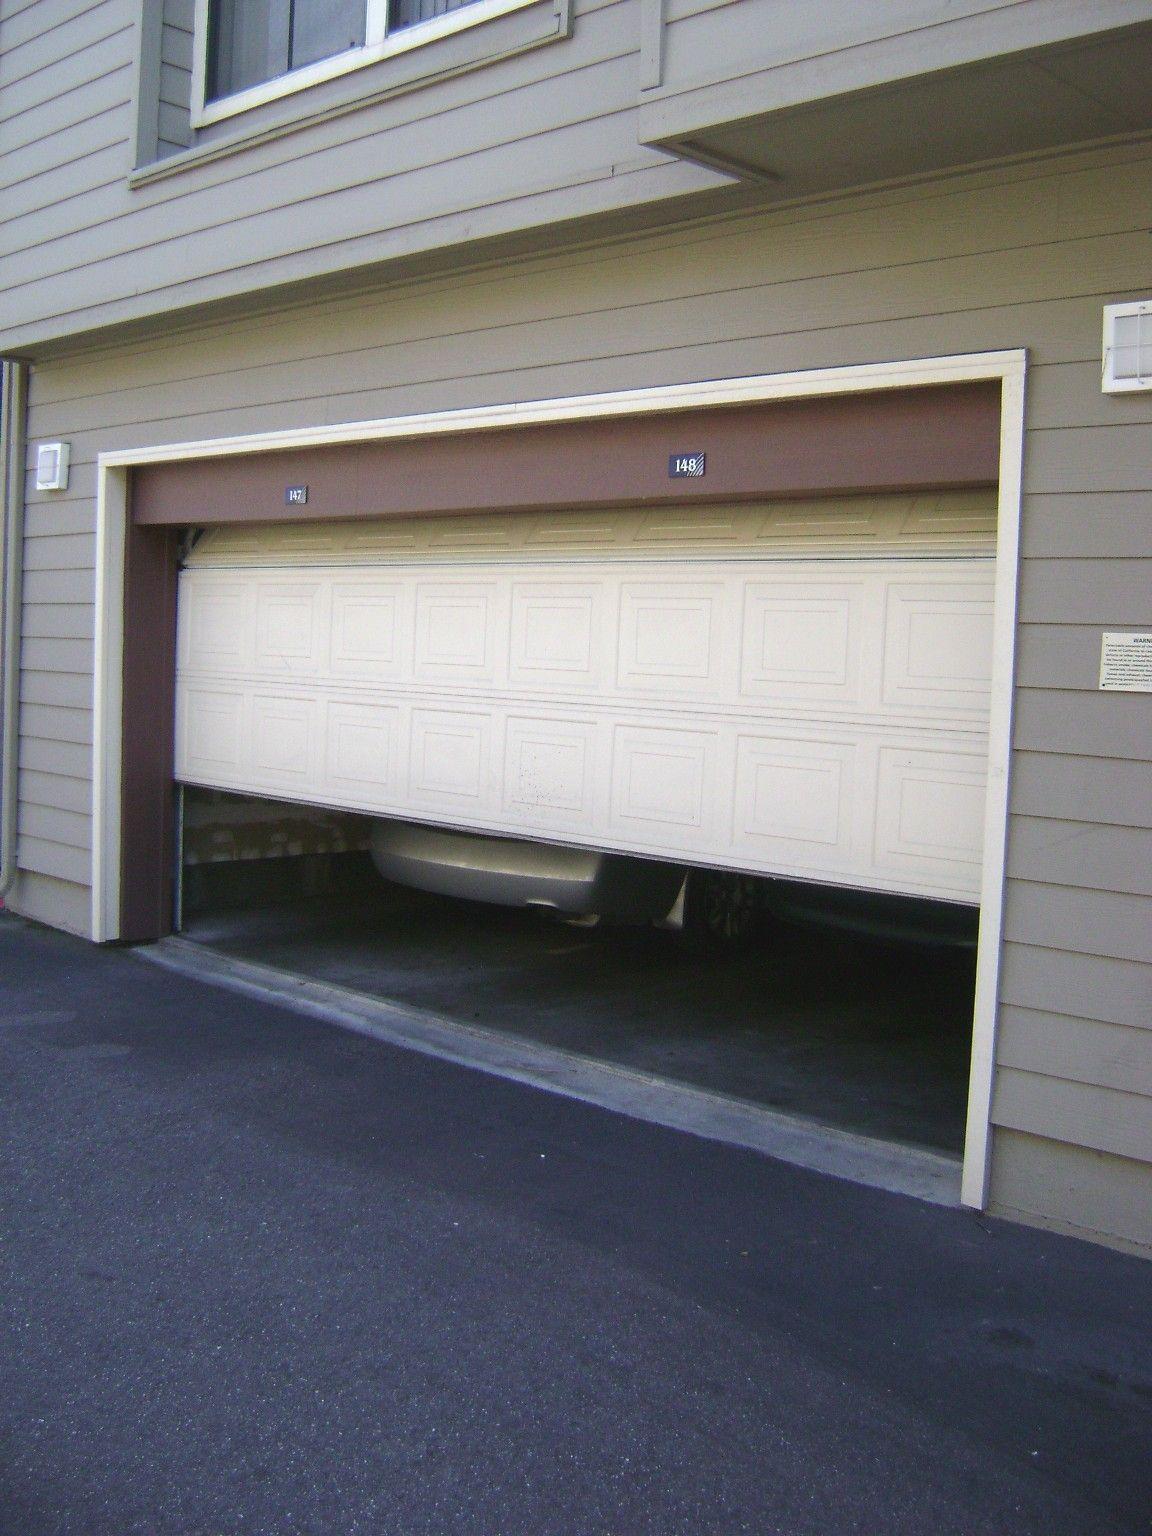 Guide To Change The Code For Garage Door Opener Garage Doors